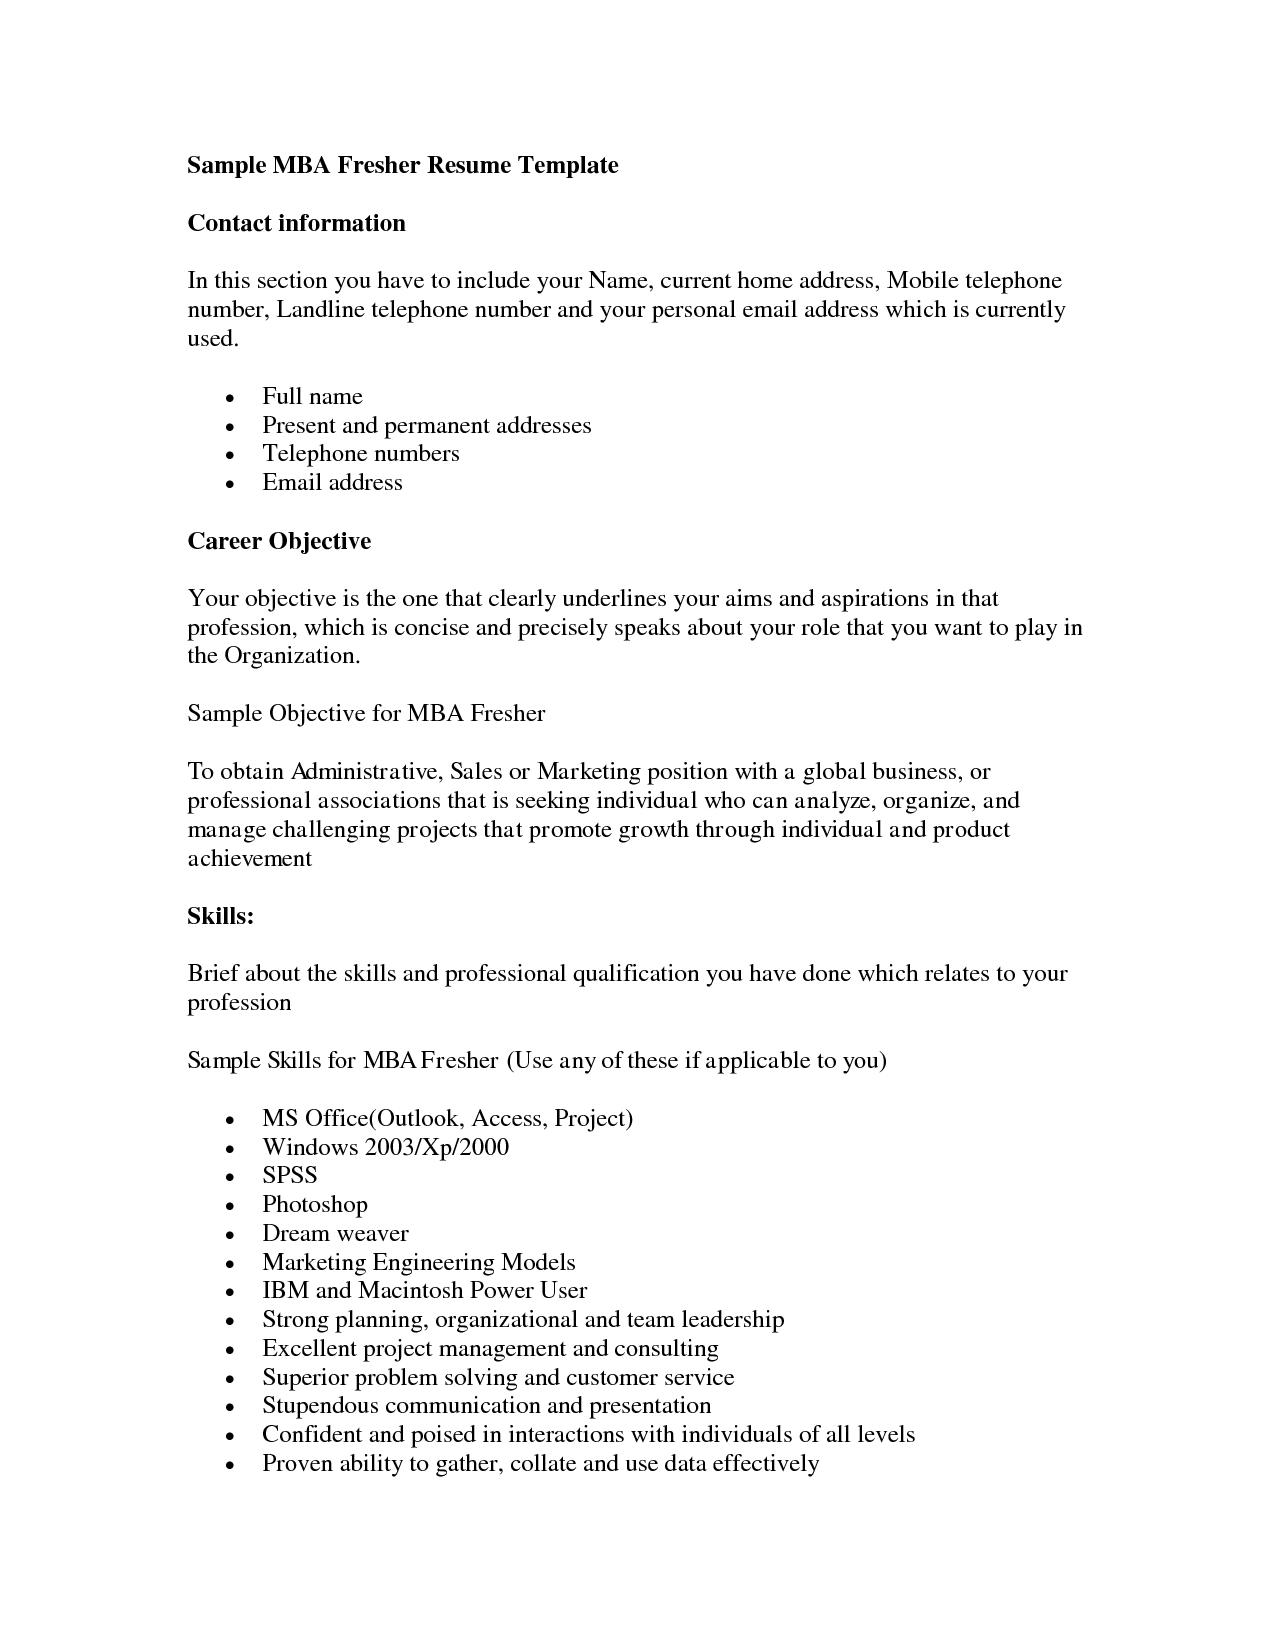 Mba Fresher Resumes - http://www.resumecareer.info/mba-fresher ...